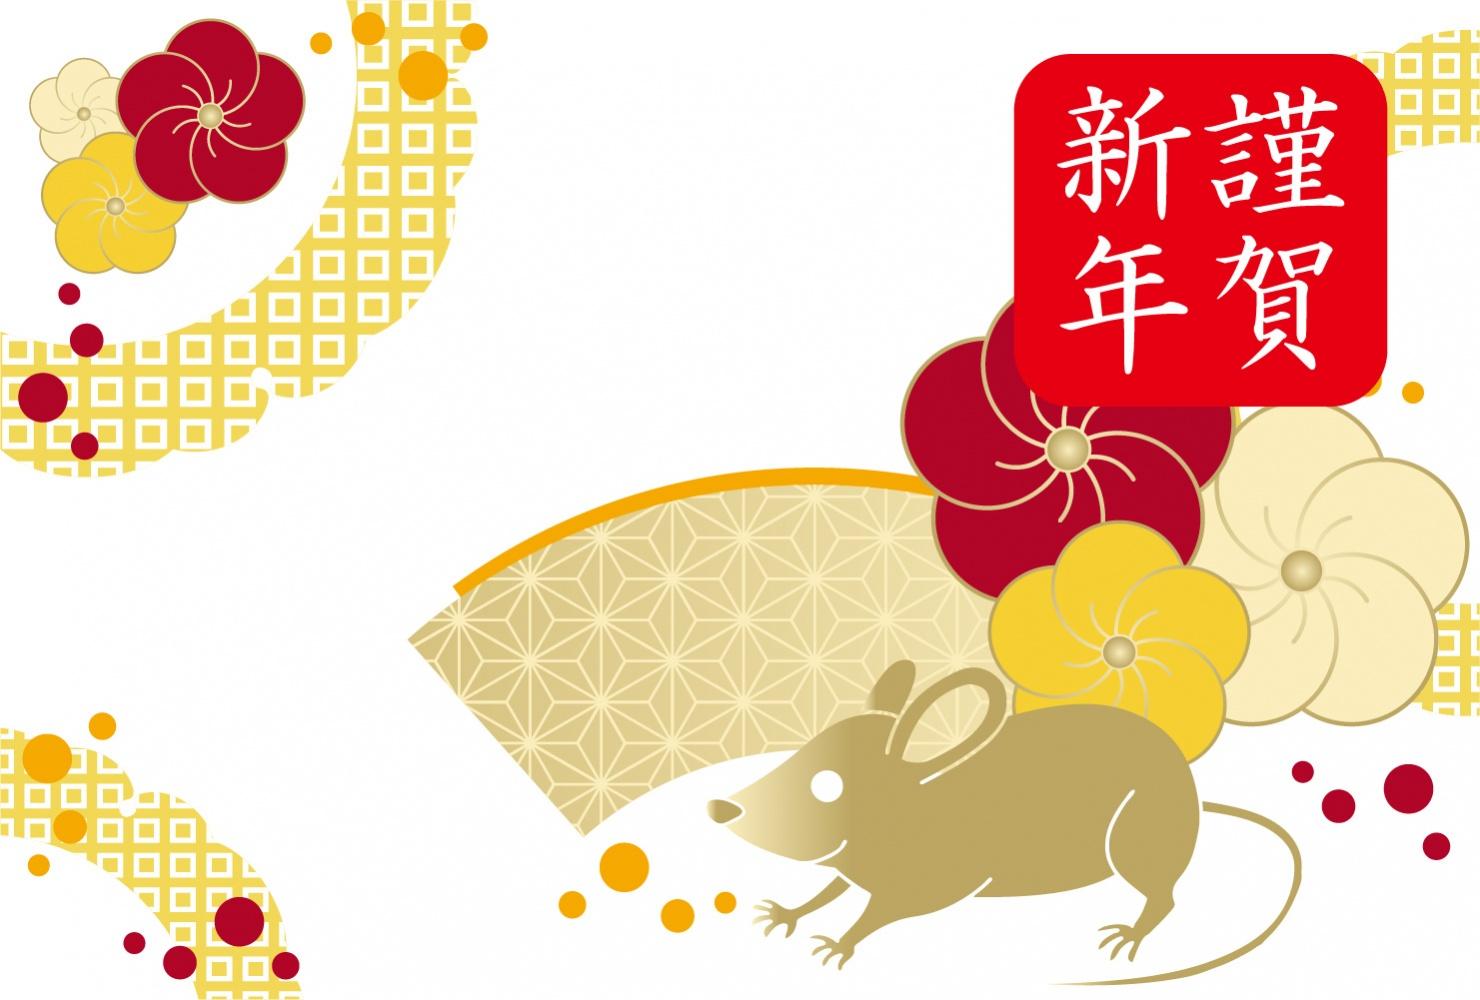 金色ネズミお正月年賀状素材